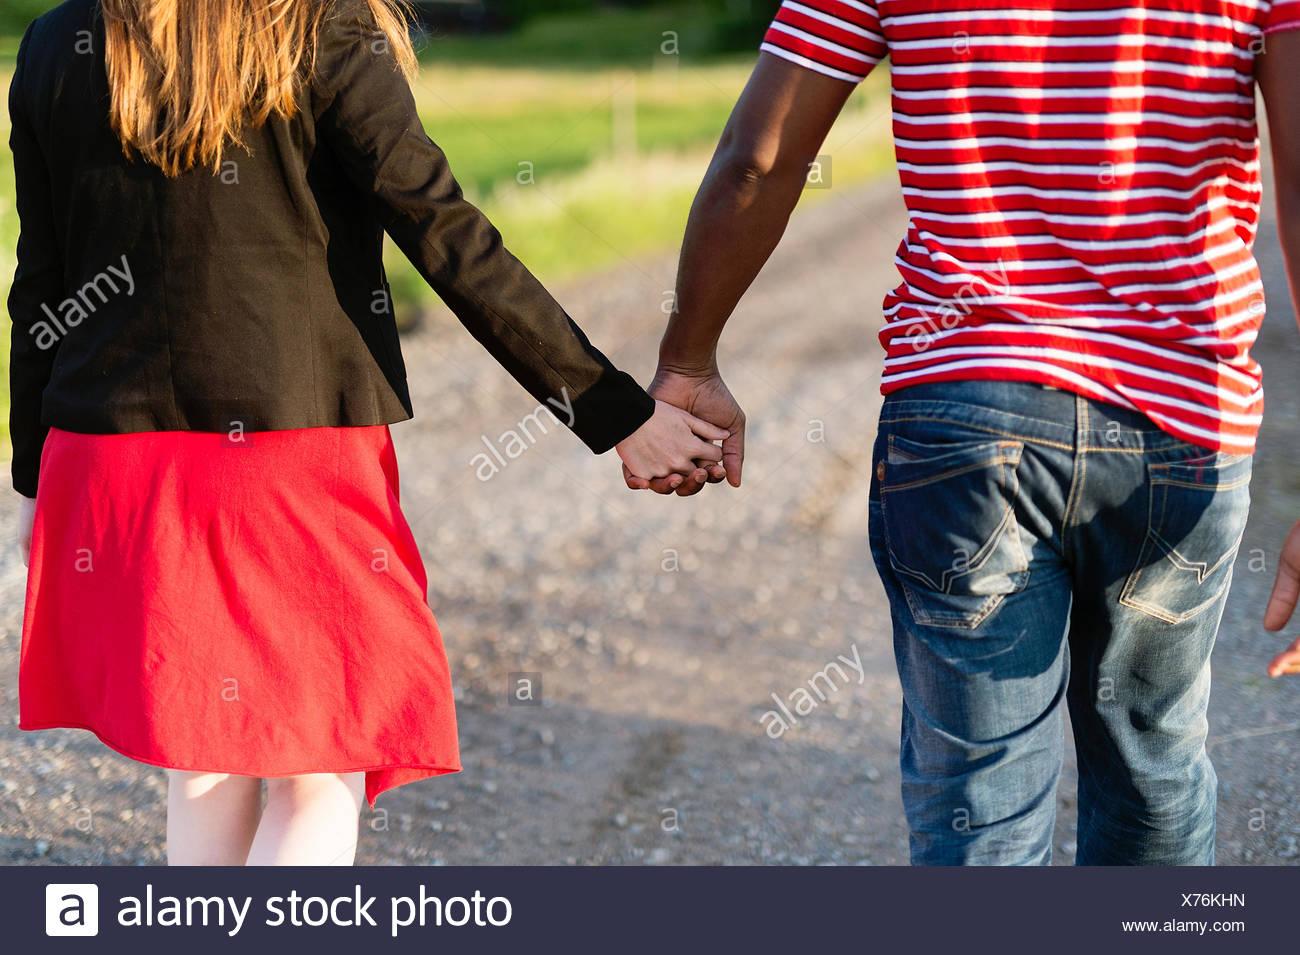 Sweden, Vastmanland, Bergslagen, Hallefors, Rear view of mid adult couple holding hands - Stock Image